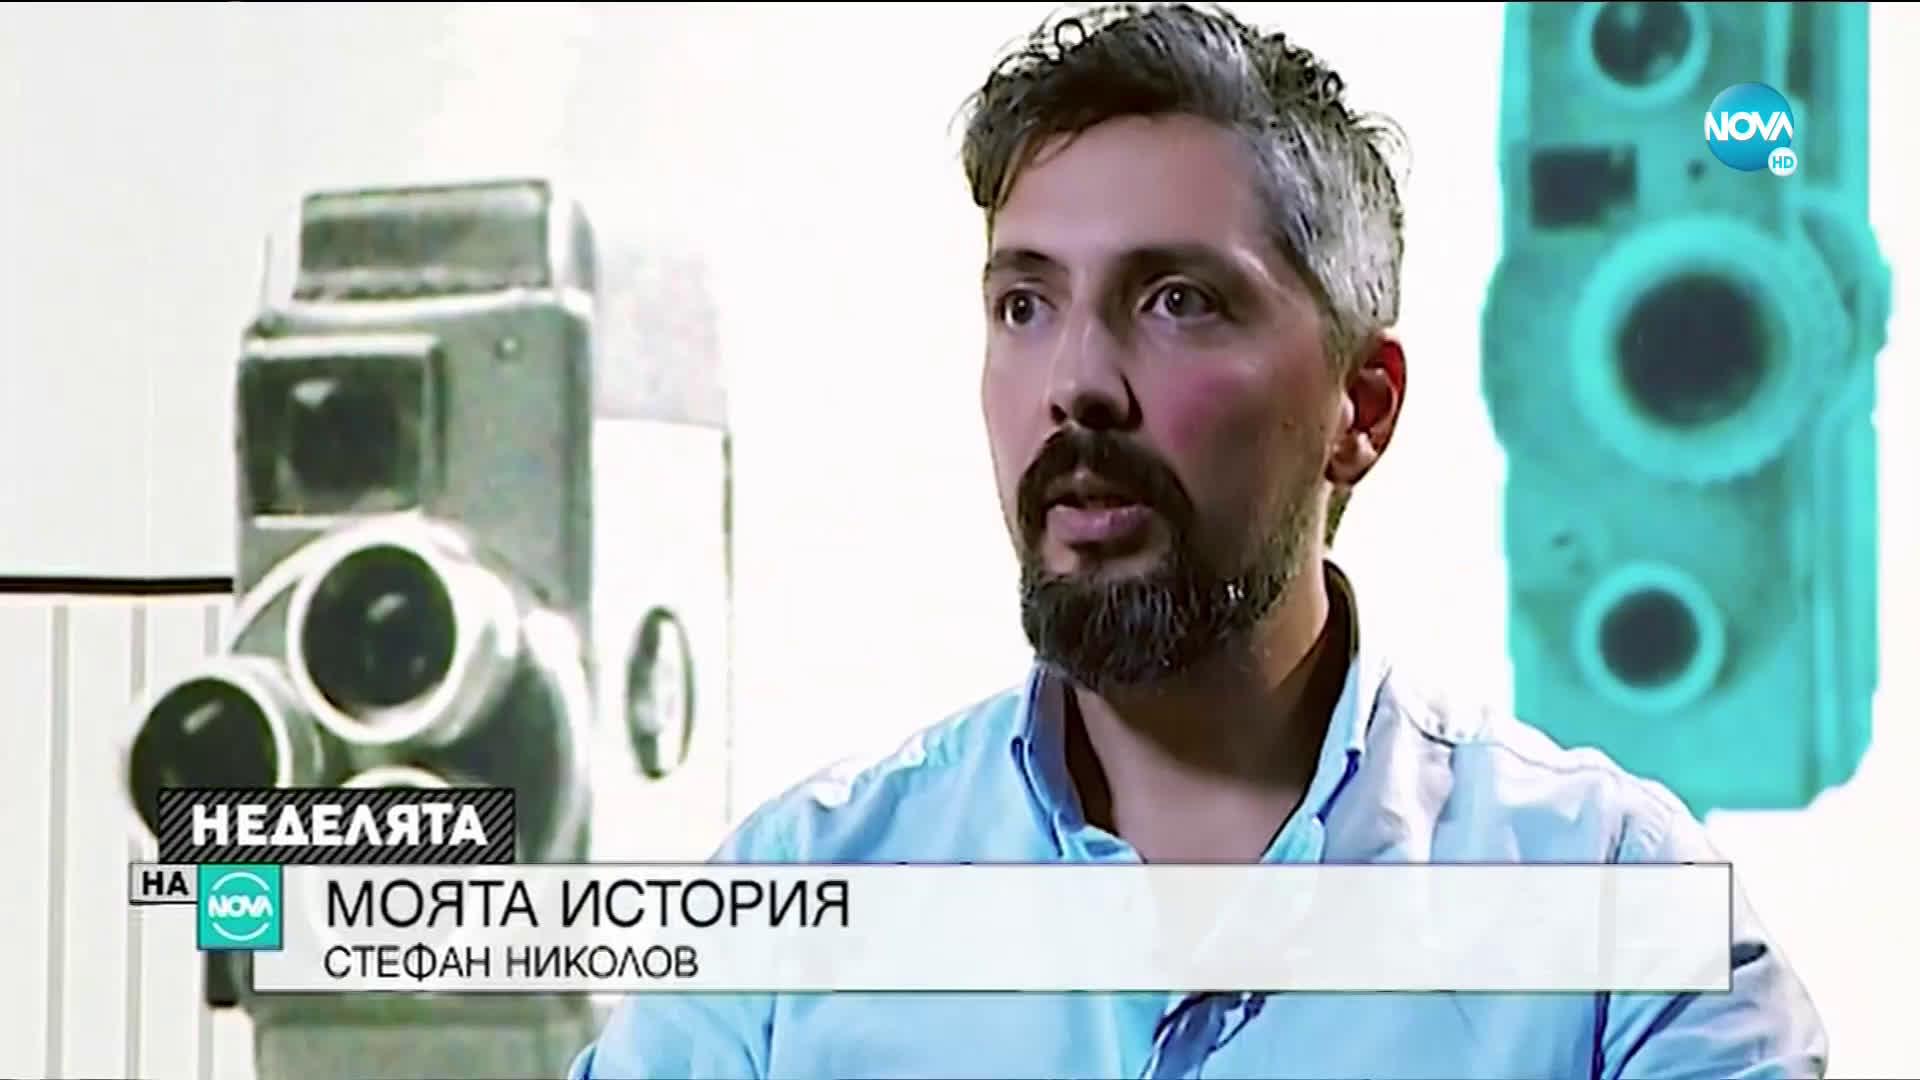 Стефан Николов: Преди Гала живеех бурно, след нея се надявам никога да не разбера какво е